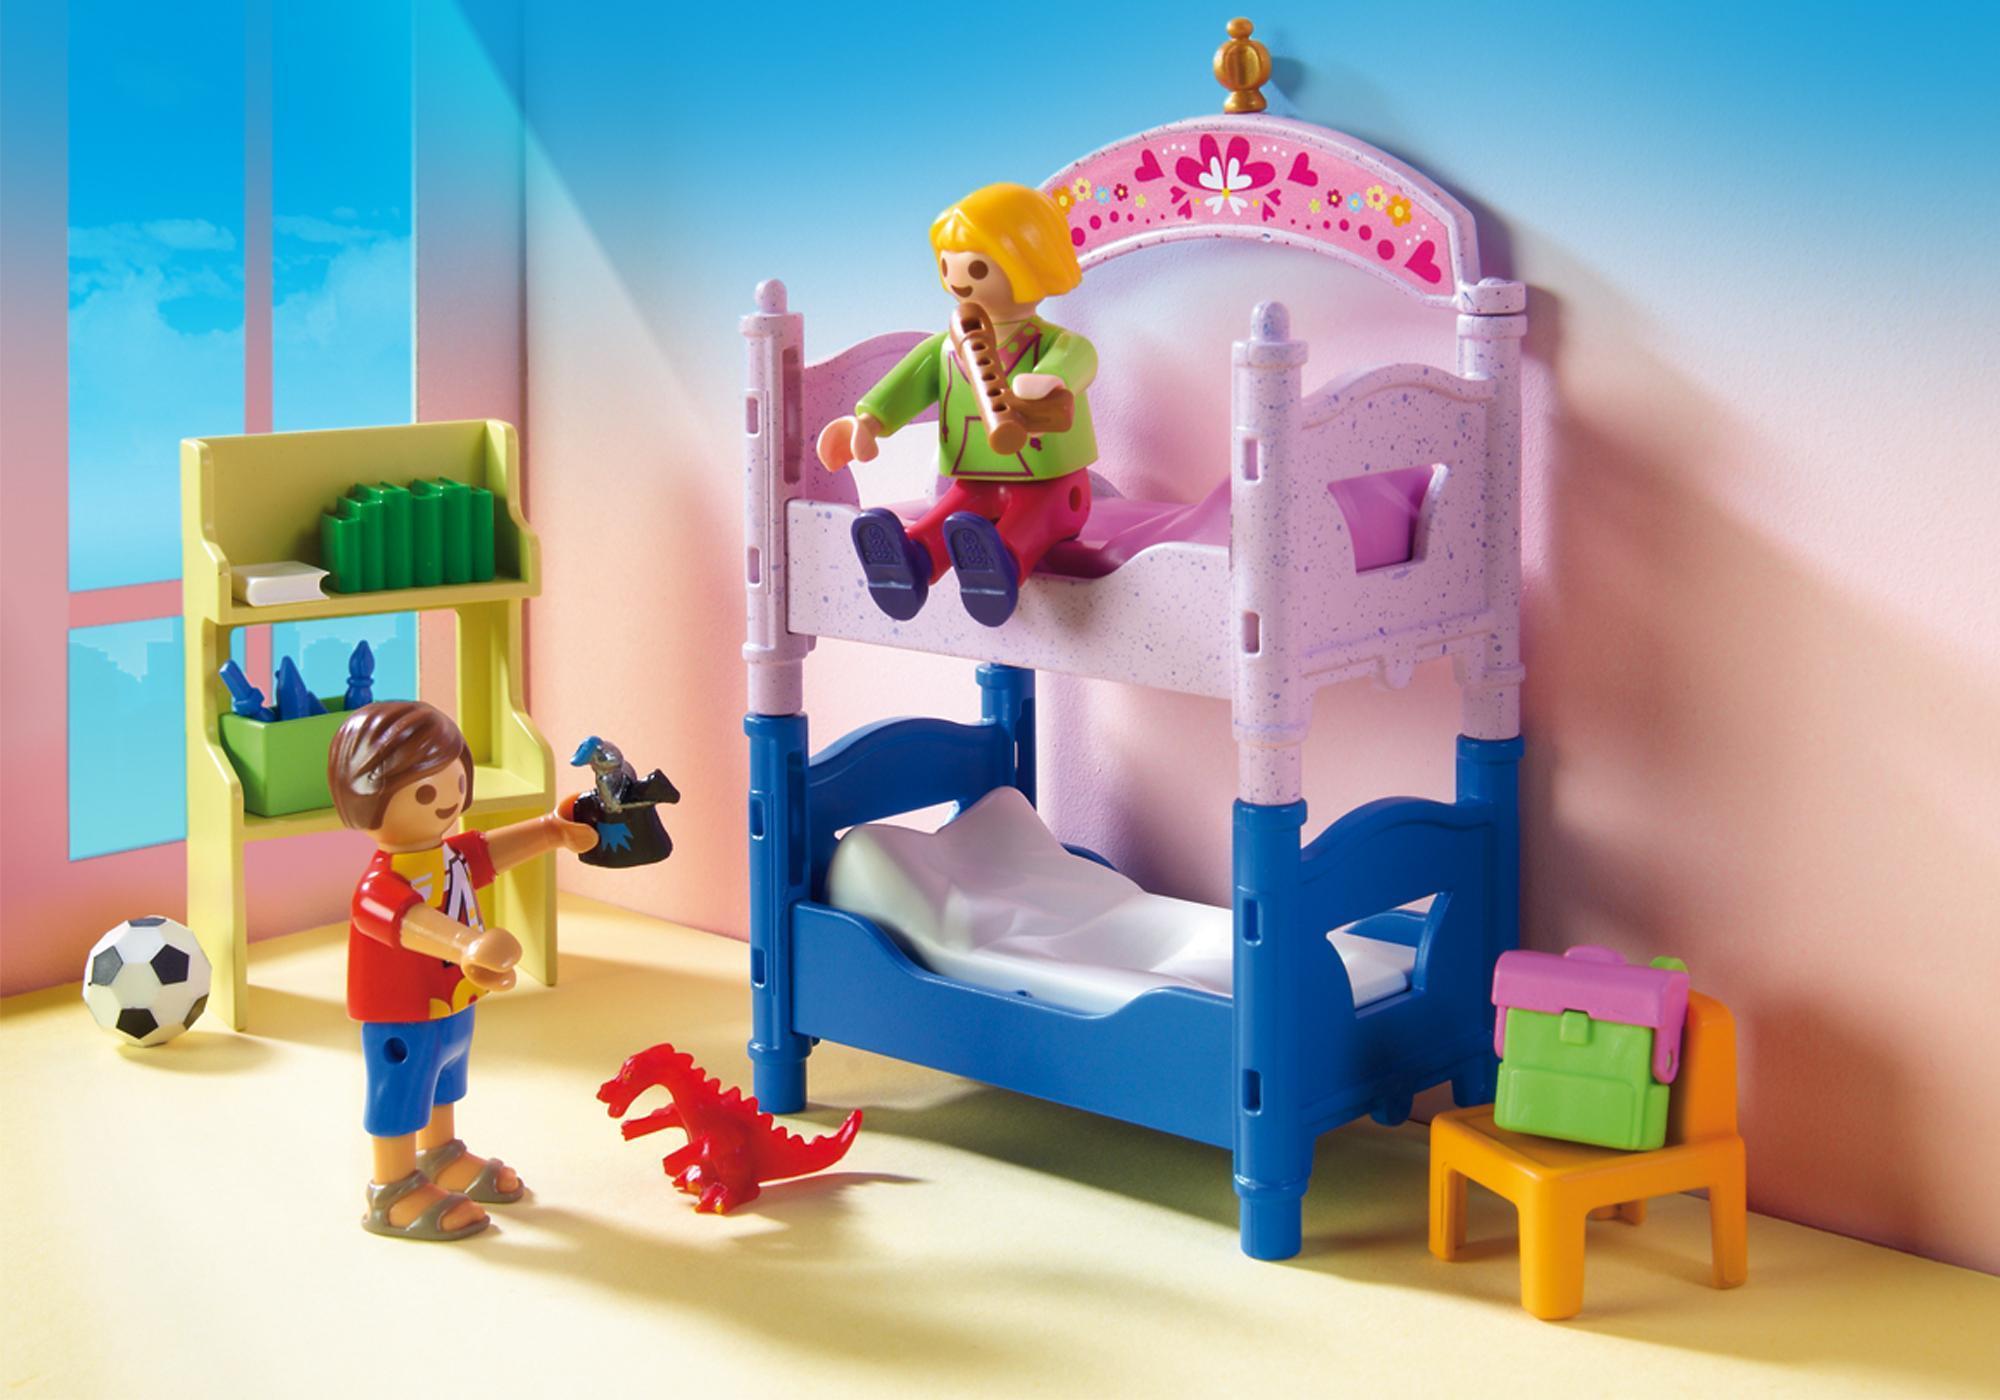 http://media.playmobil.com/i/playmobil/5306_product_extra1/Färgglatt barnrum